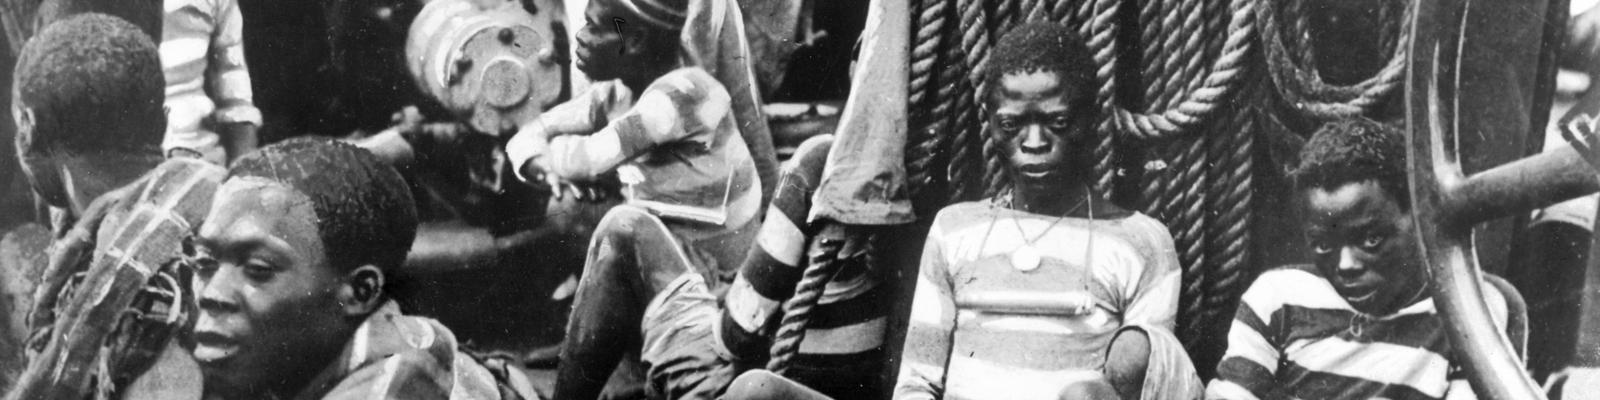 Afrikanische Sklaven werden im 19. Jahrhundert auf einem Schiff wie Vieh nach Amerika transportiert und verkauft.